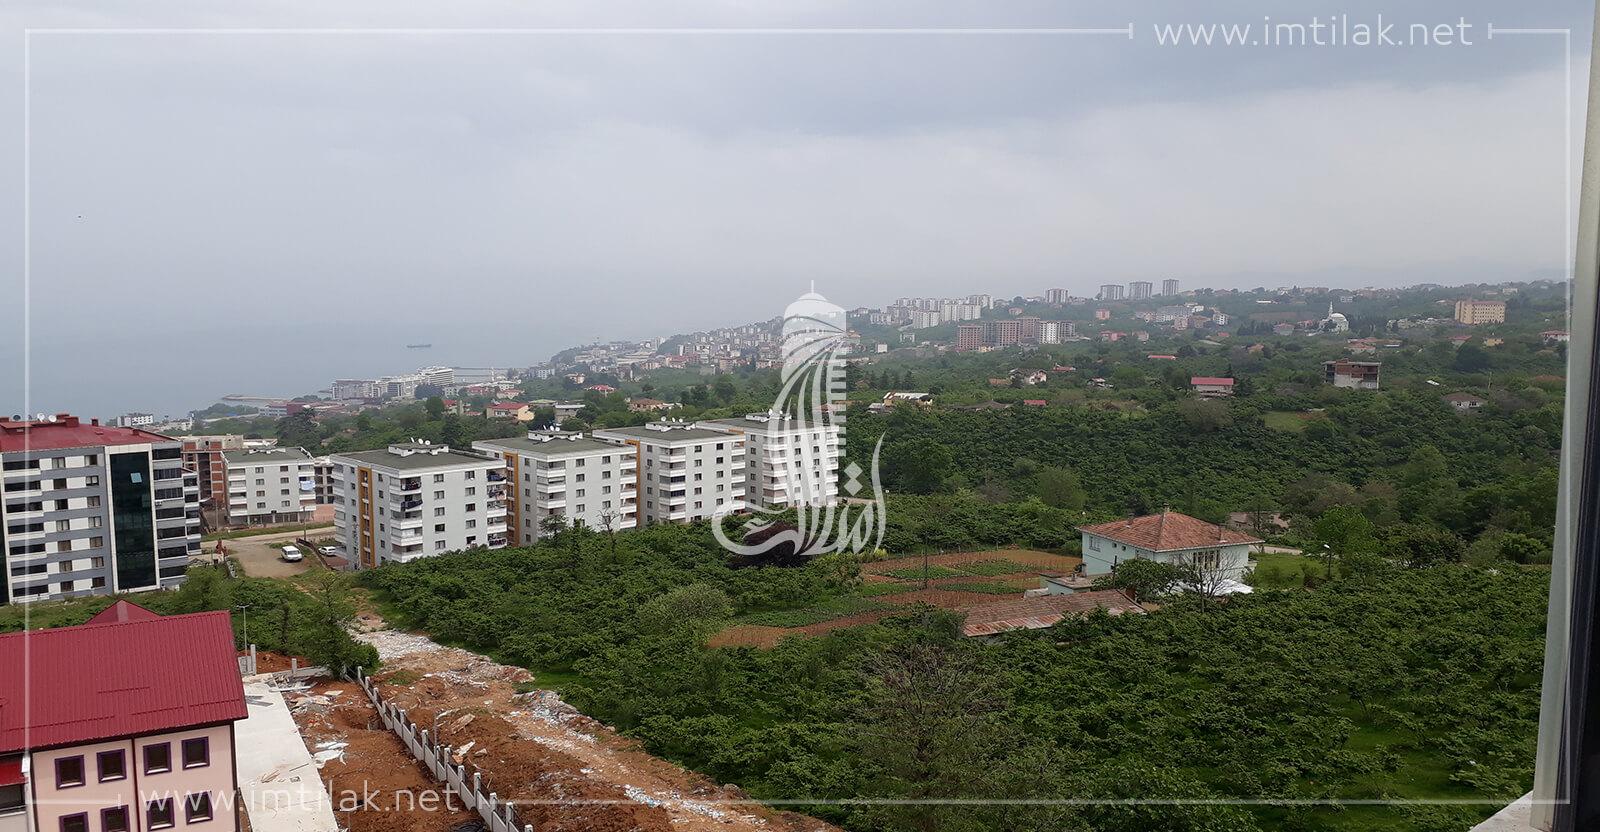 Résidence Yildiz IMT-15